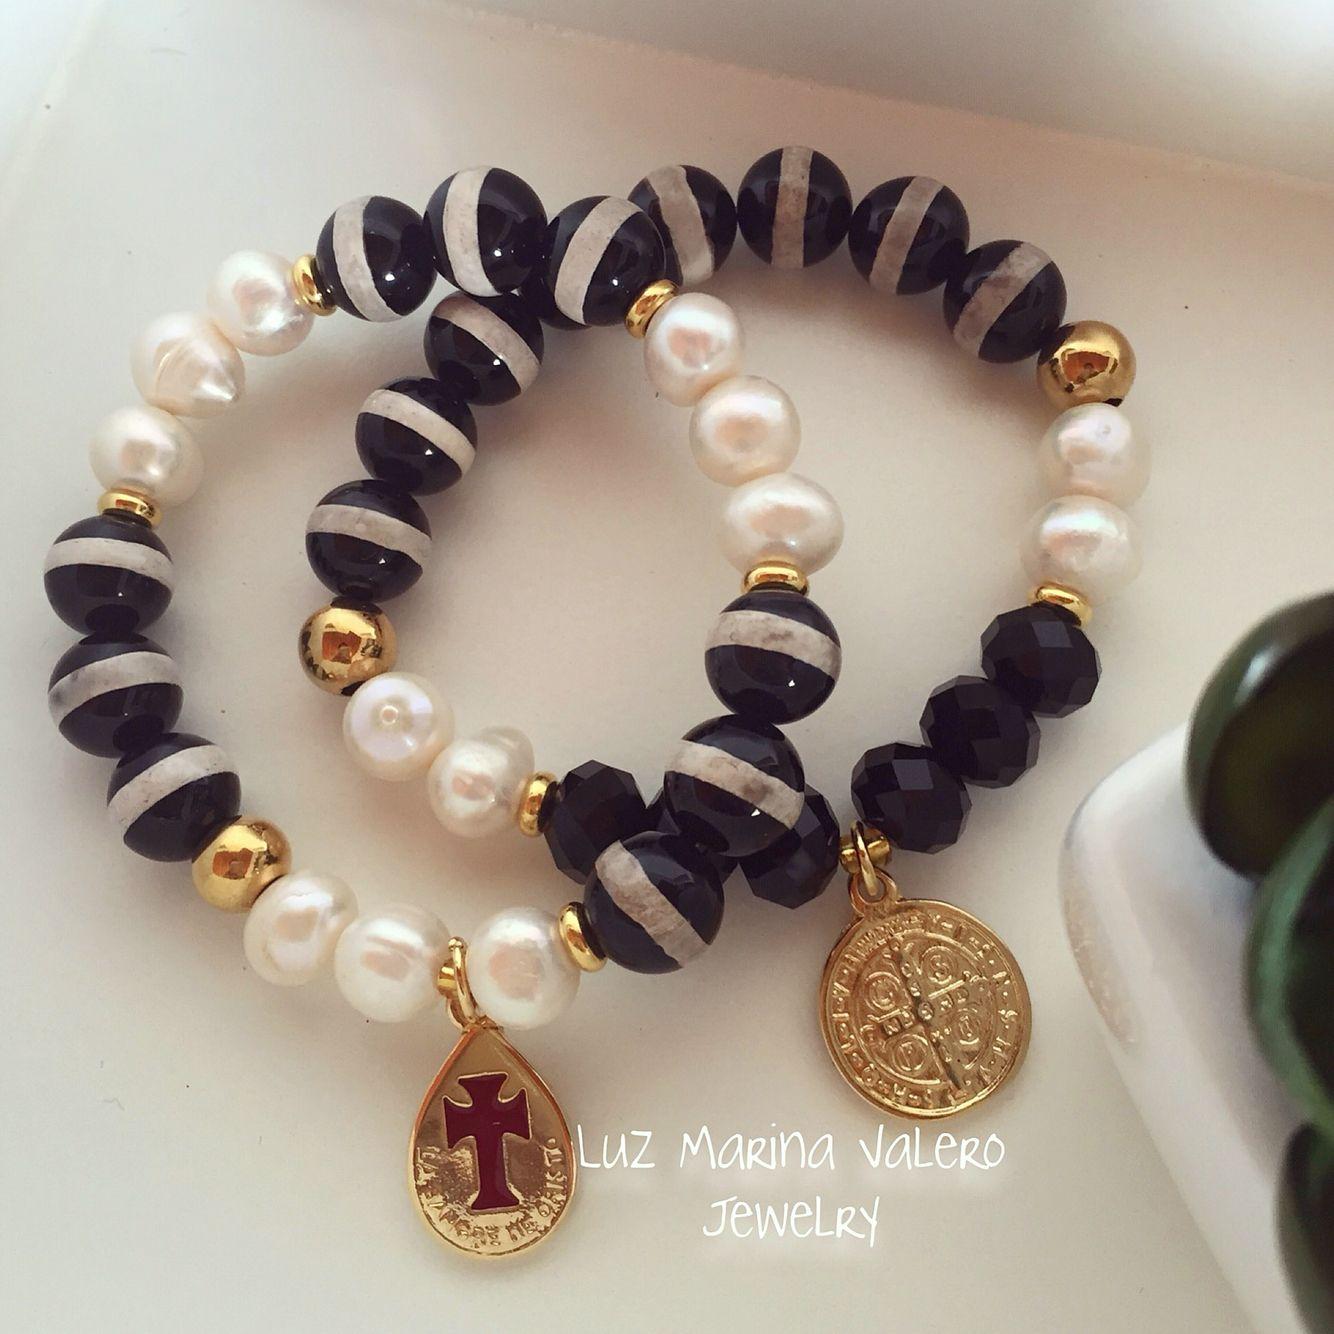 Pulseras de onix y perlas by Luz Marina Valero Jewelry